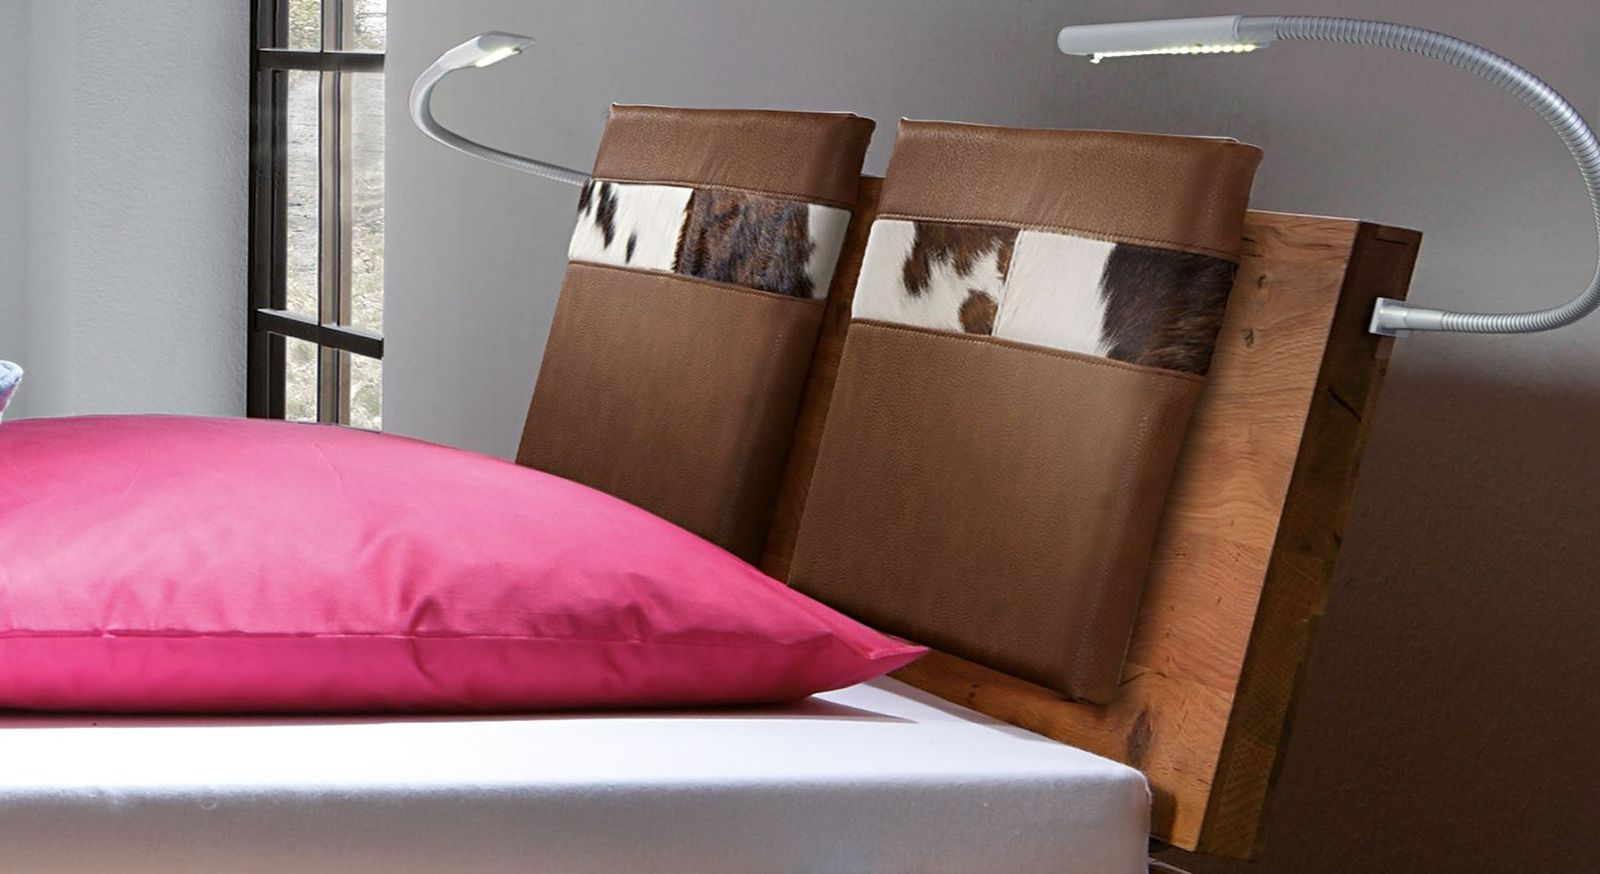 Cognacfarbene Einsteck-Kissen Mallero aus Luxus-Kunstleder mit Fell